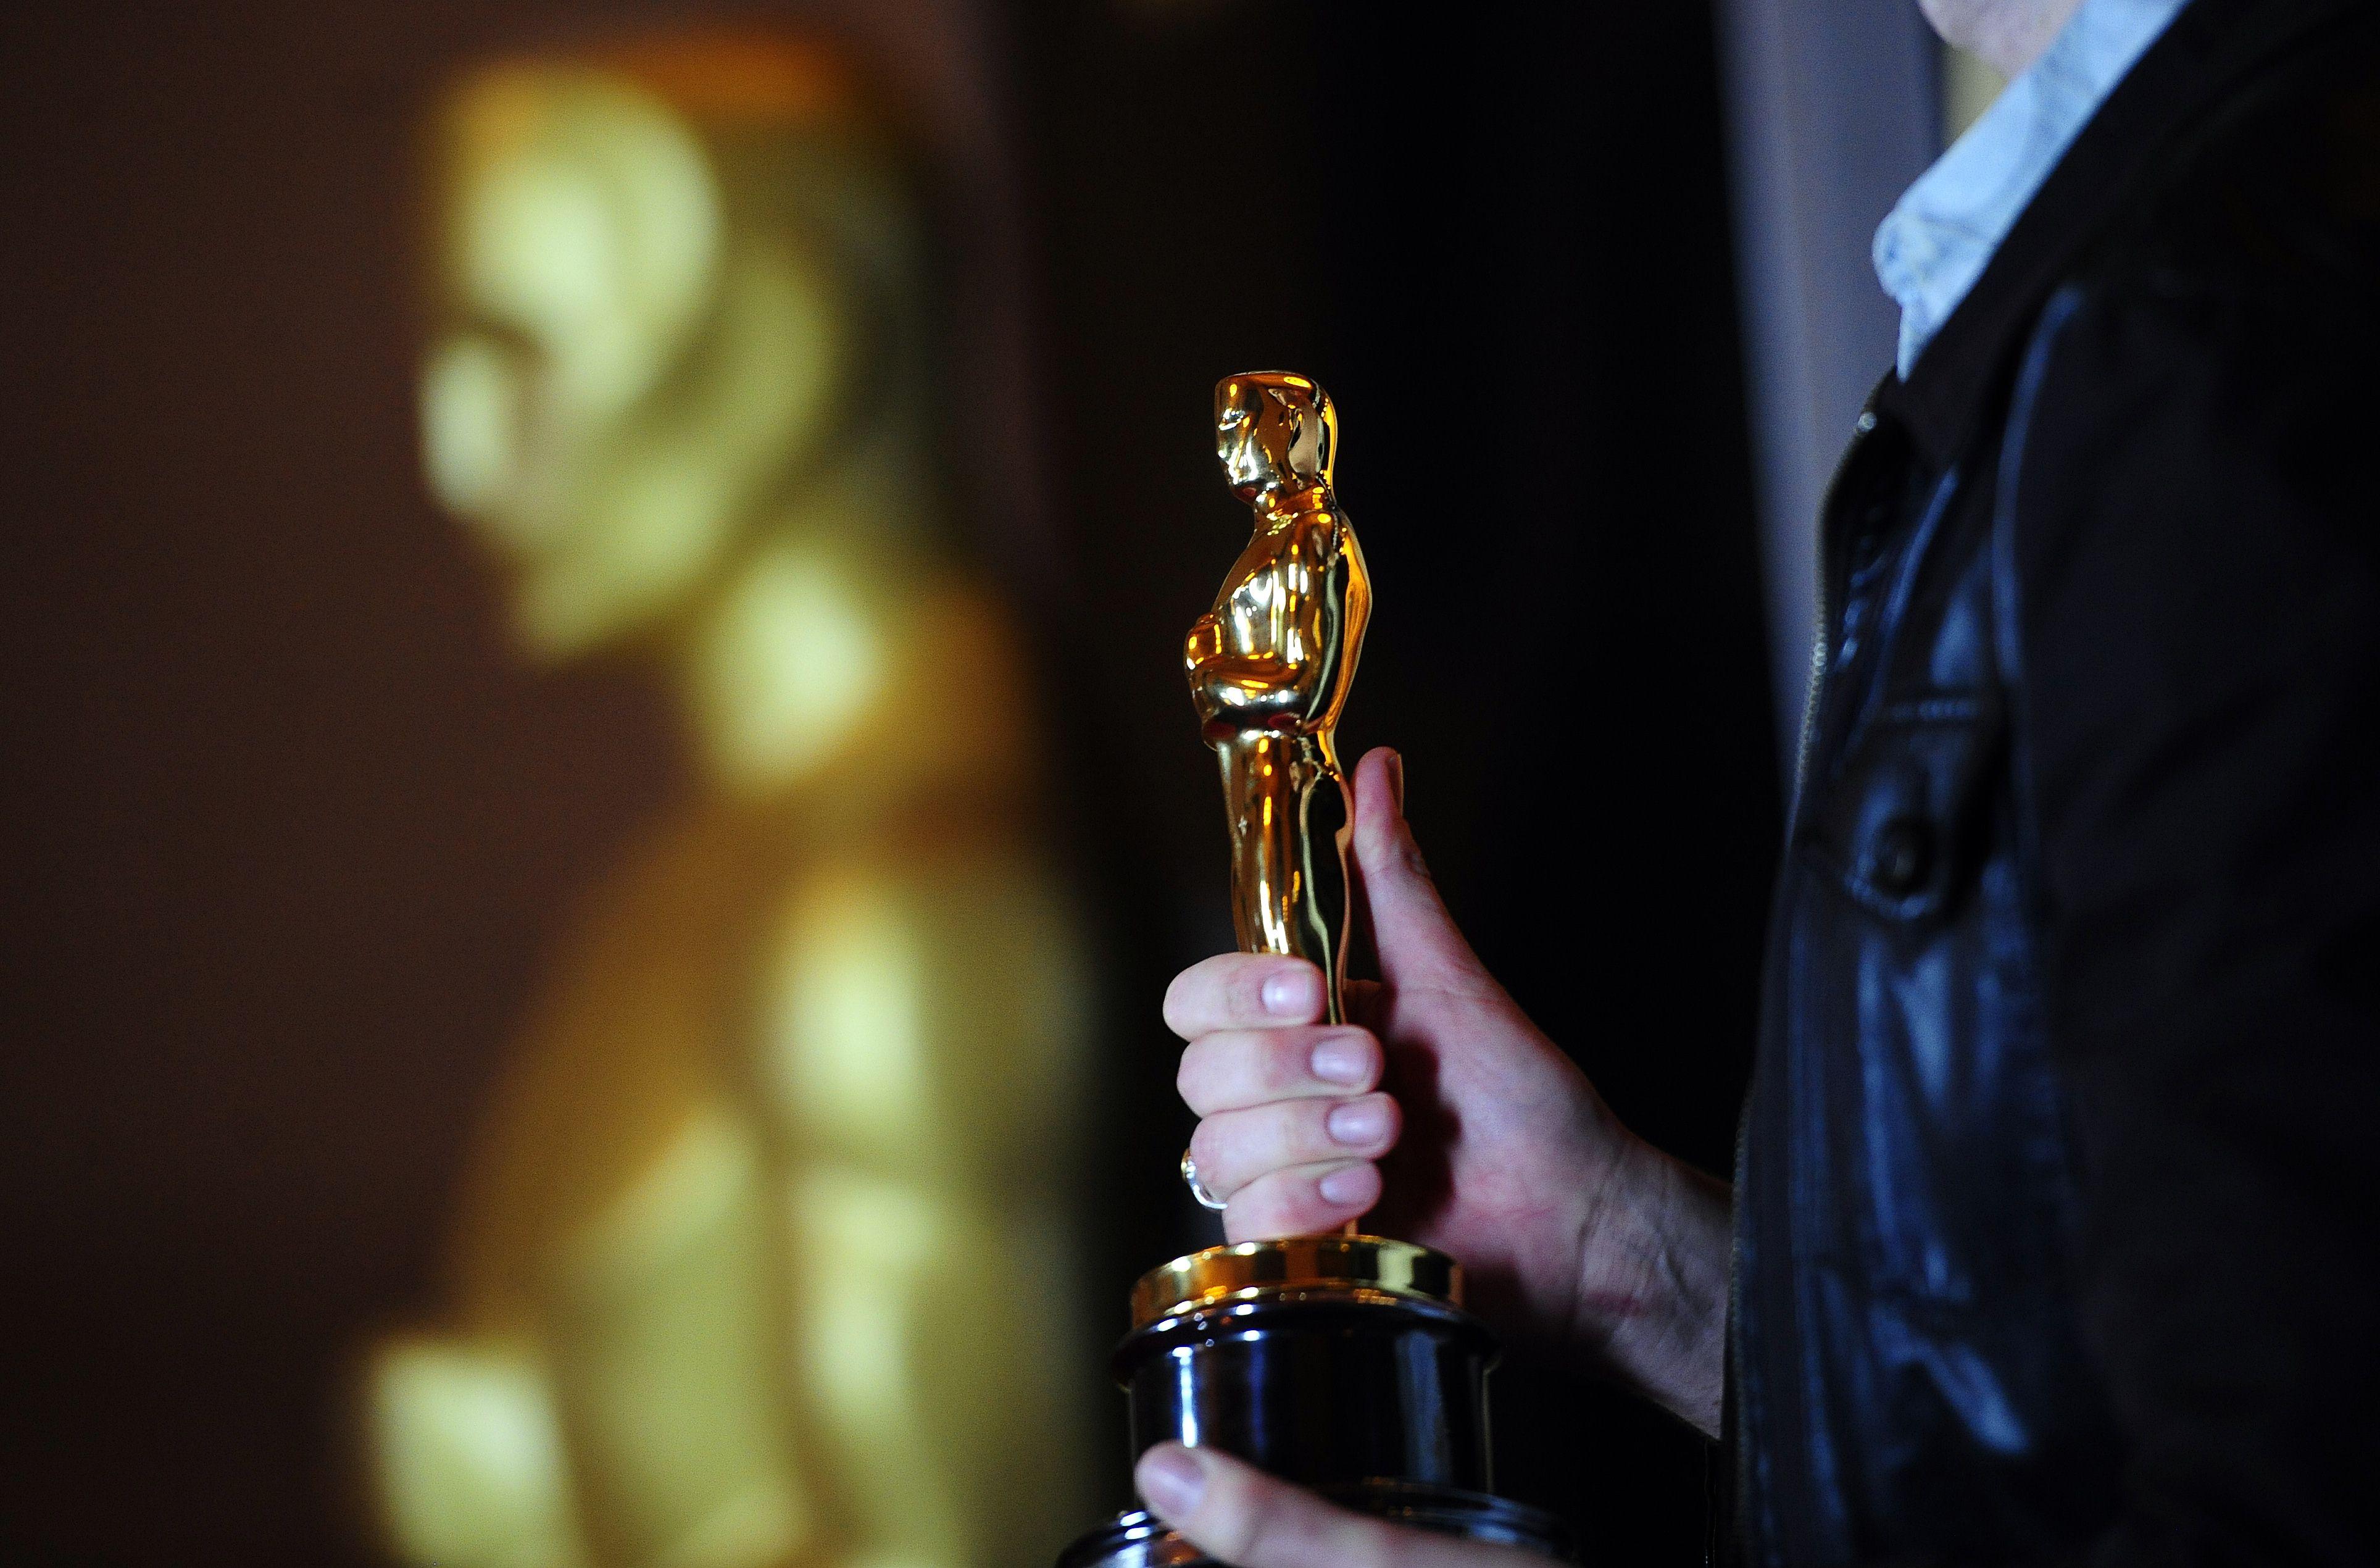 Noaptea Premiilor Oscar. Cine sunt marii favoriti si povestea din spatele celebrei statuete